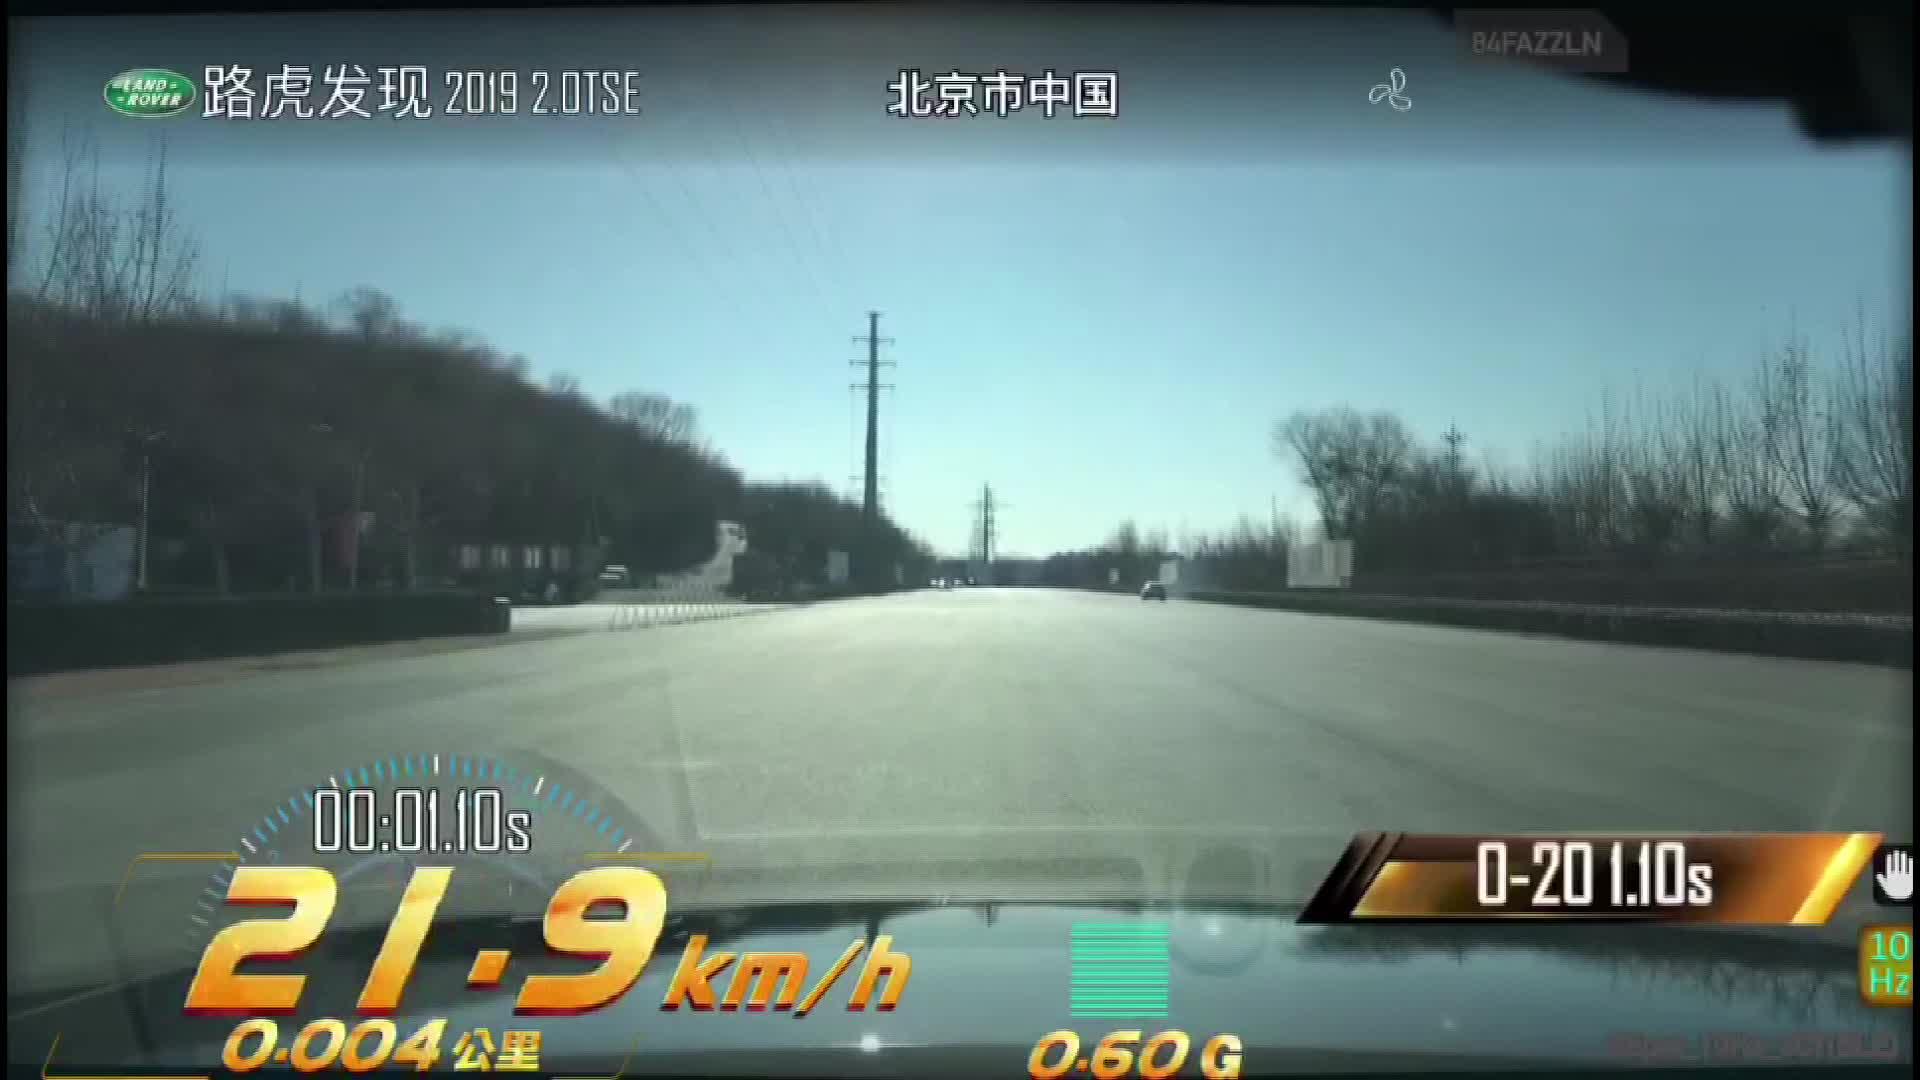 发现加速视频8.2秒